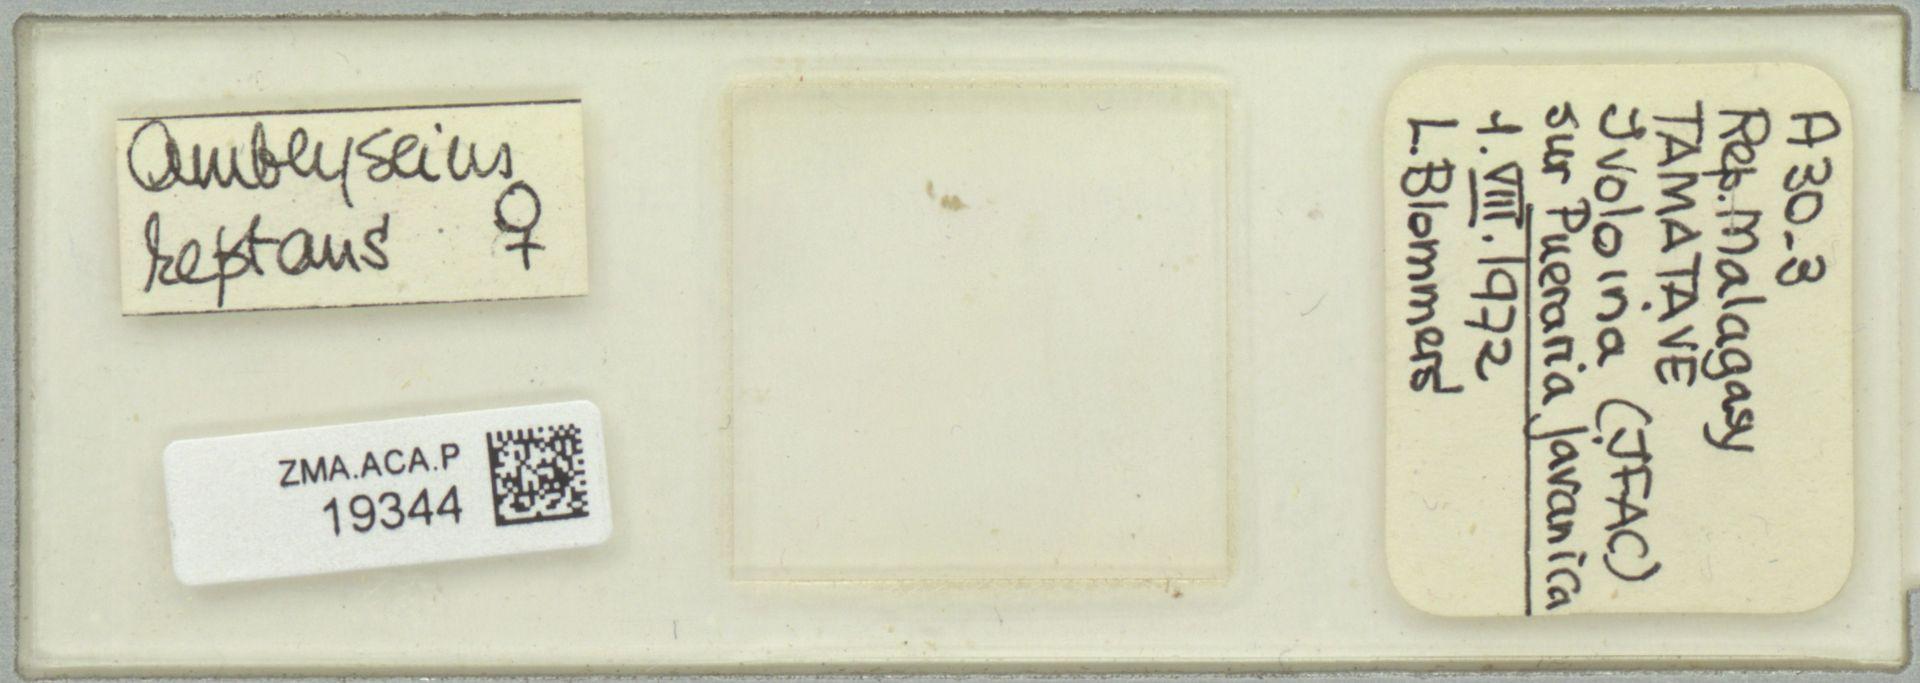 ZMA.ACA.P.19344 | Scapulaseius reptans (Blommers, 1974)